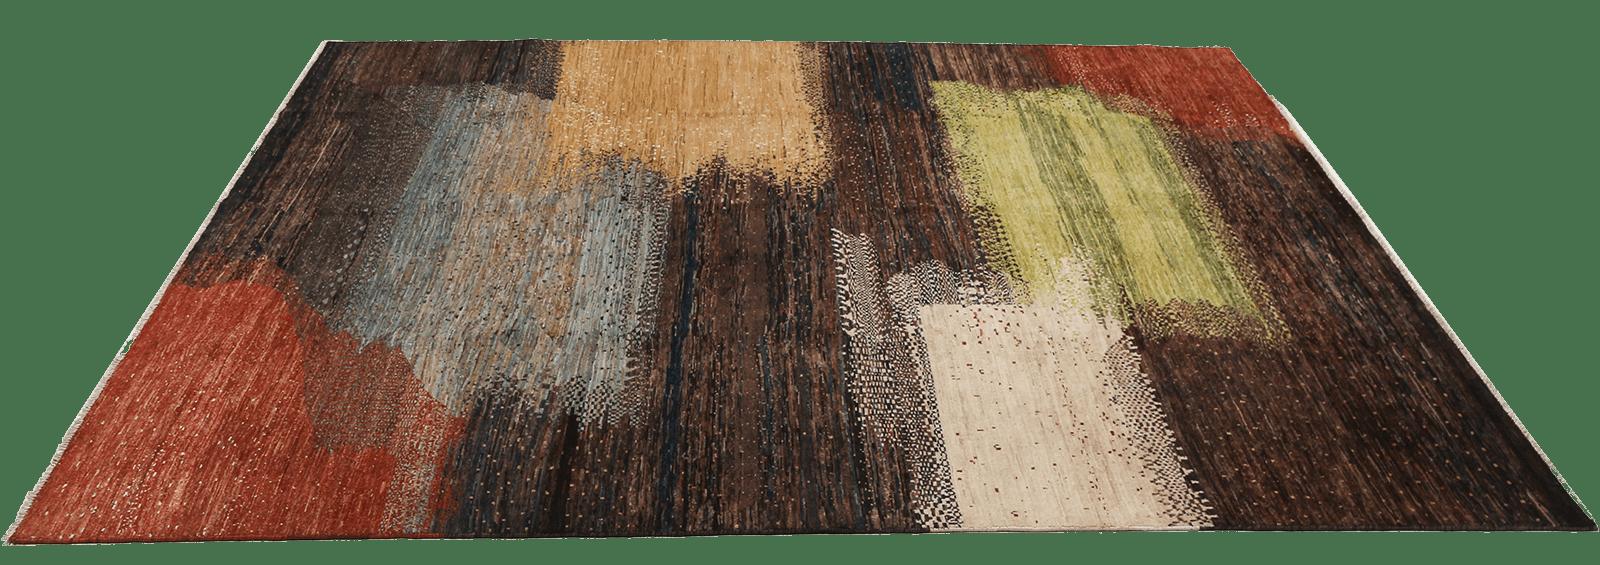 kashkuli-dark-rainbow-tapijt-moderne-oosterse-perzische-tapijten-luxe-exclusieve-vloerkleden-koreman-maastricht